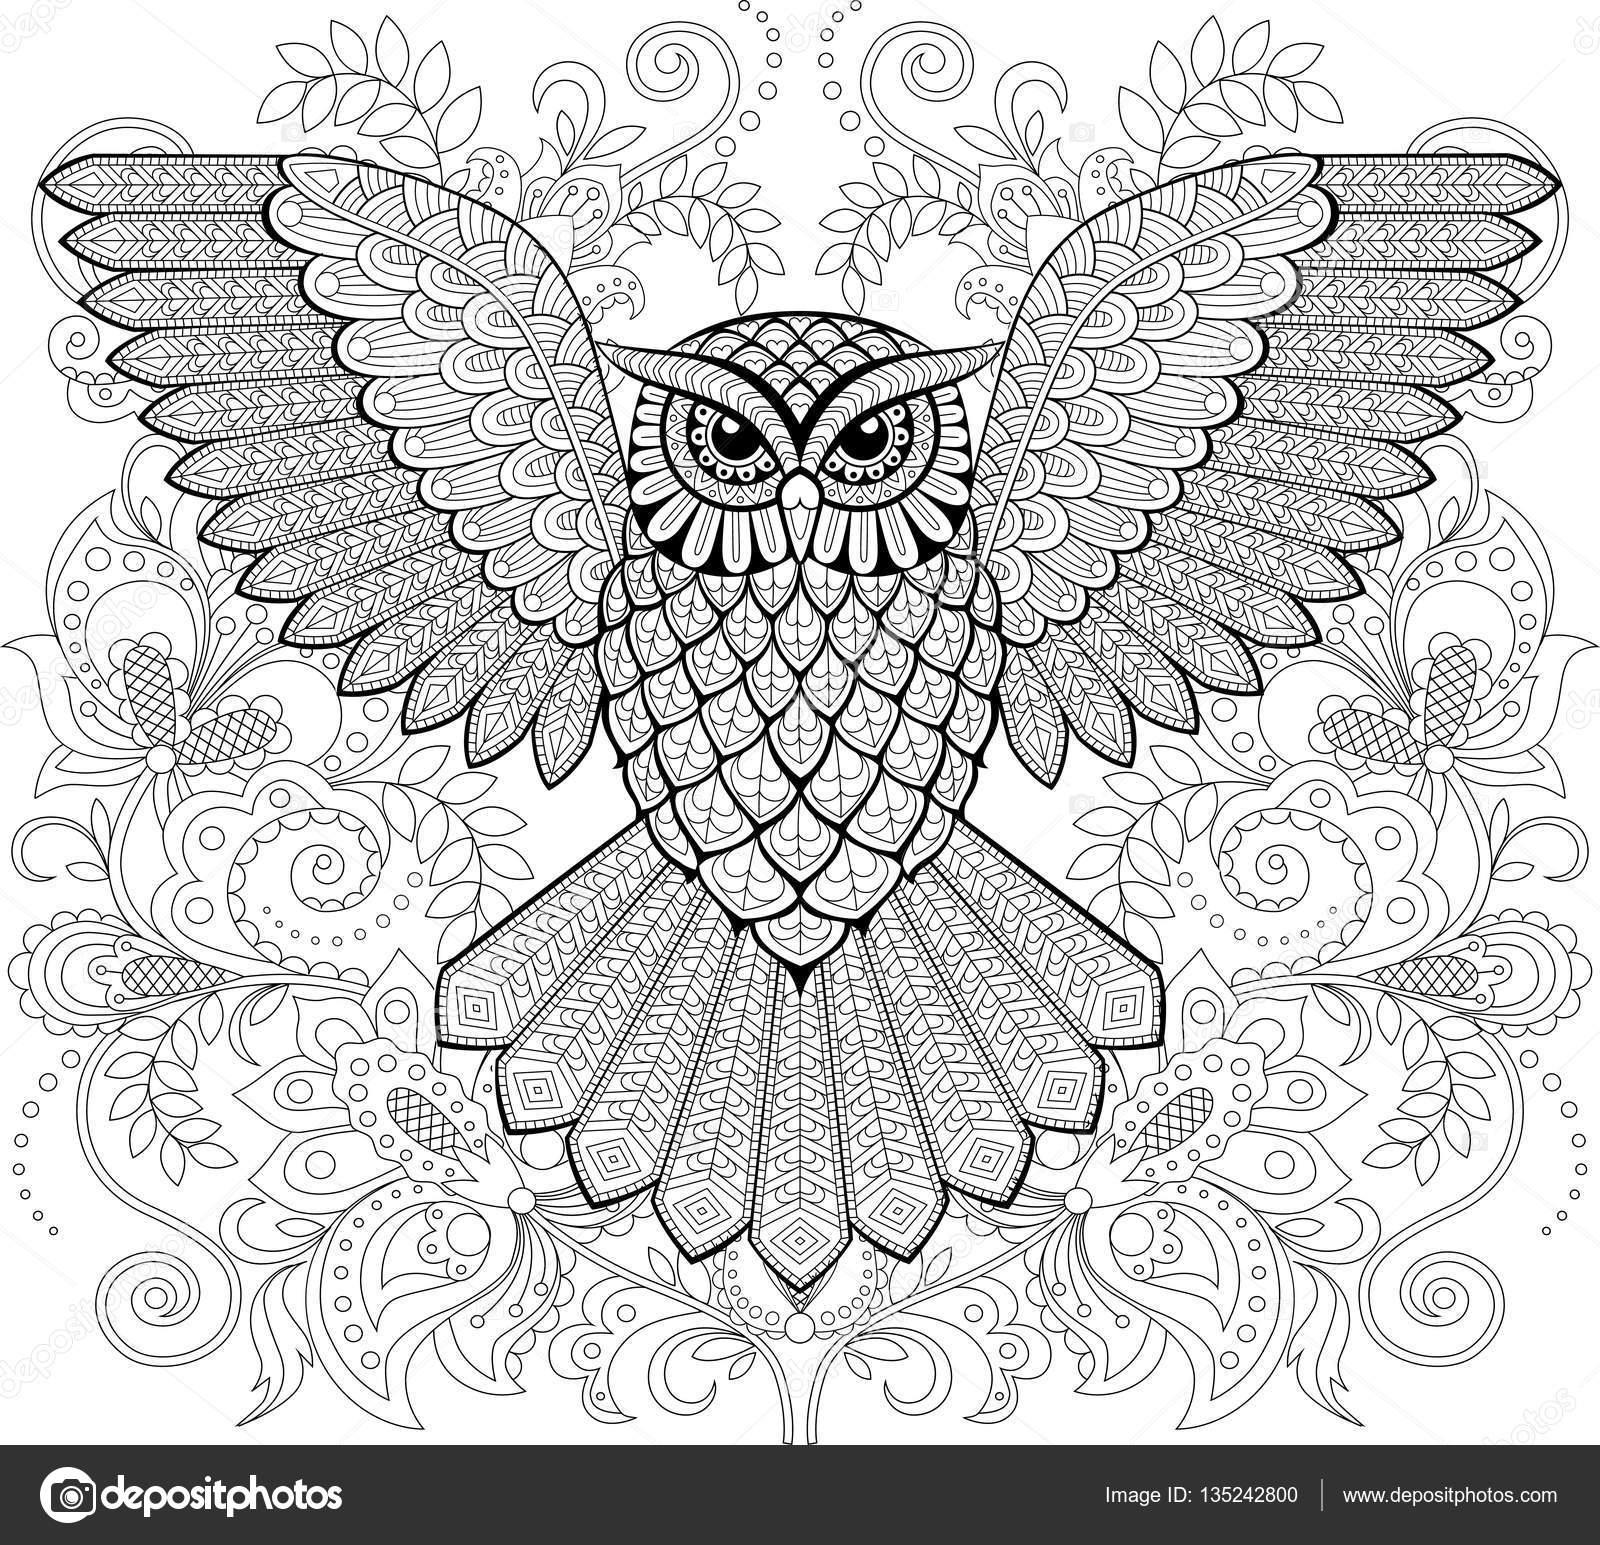 Volwassen Kleurplaten Dieren Konijn Flying Owl And Floral Ornament In Zentangle Style Adult